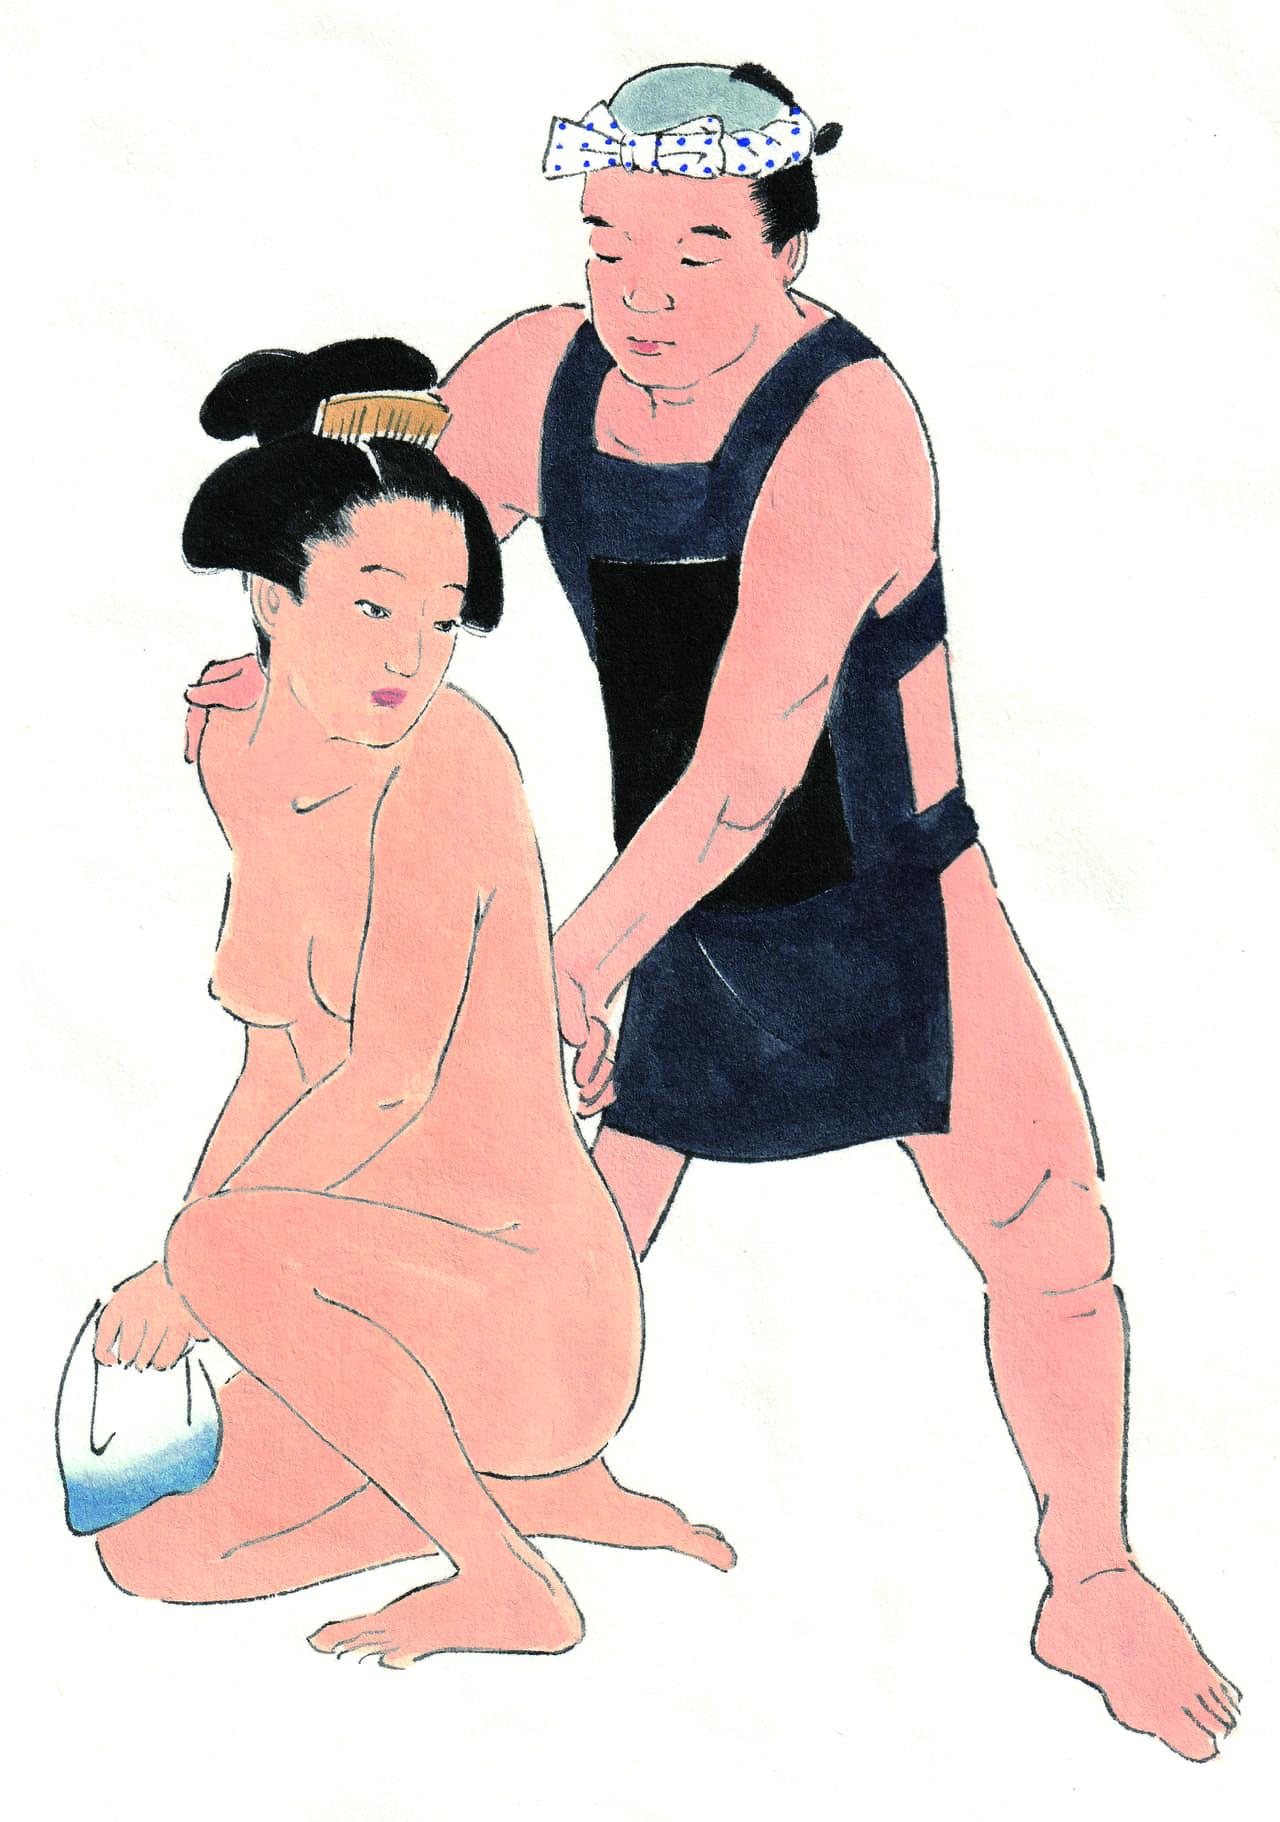 お金をもらって触る、揉む…「三助」はなぜ、裸の女性を相手に仕事ができたのか?